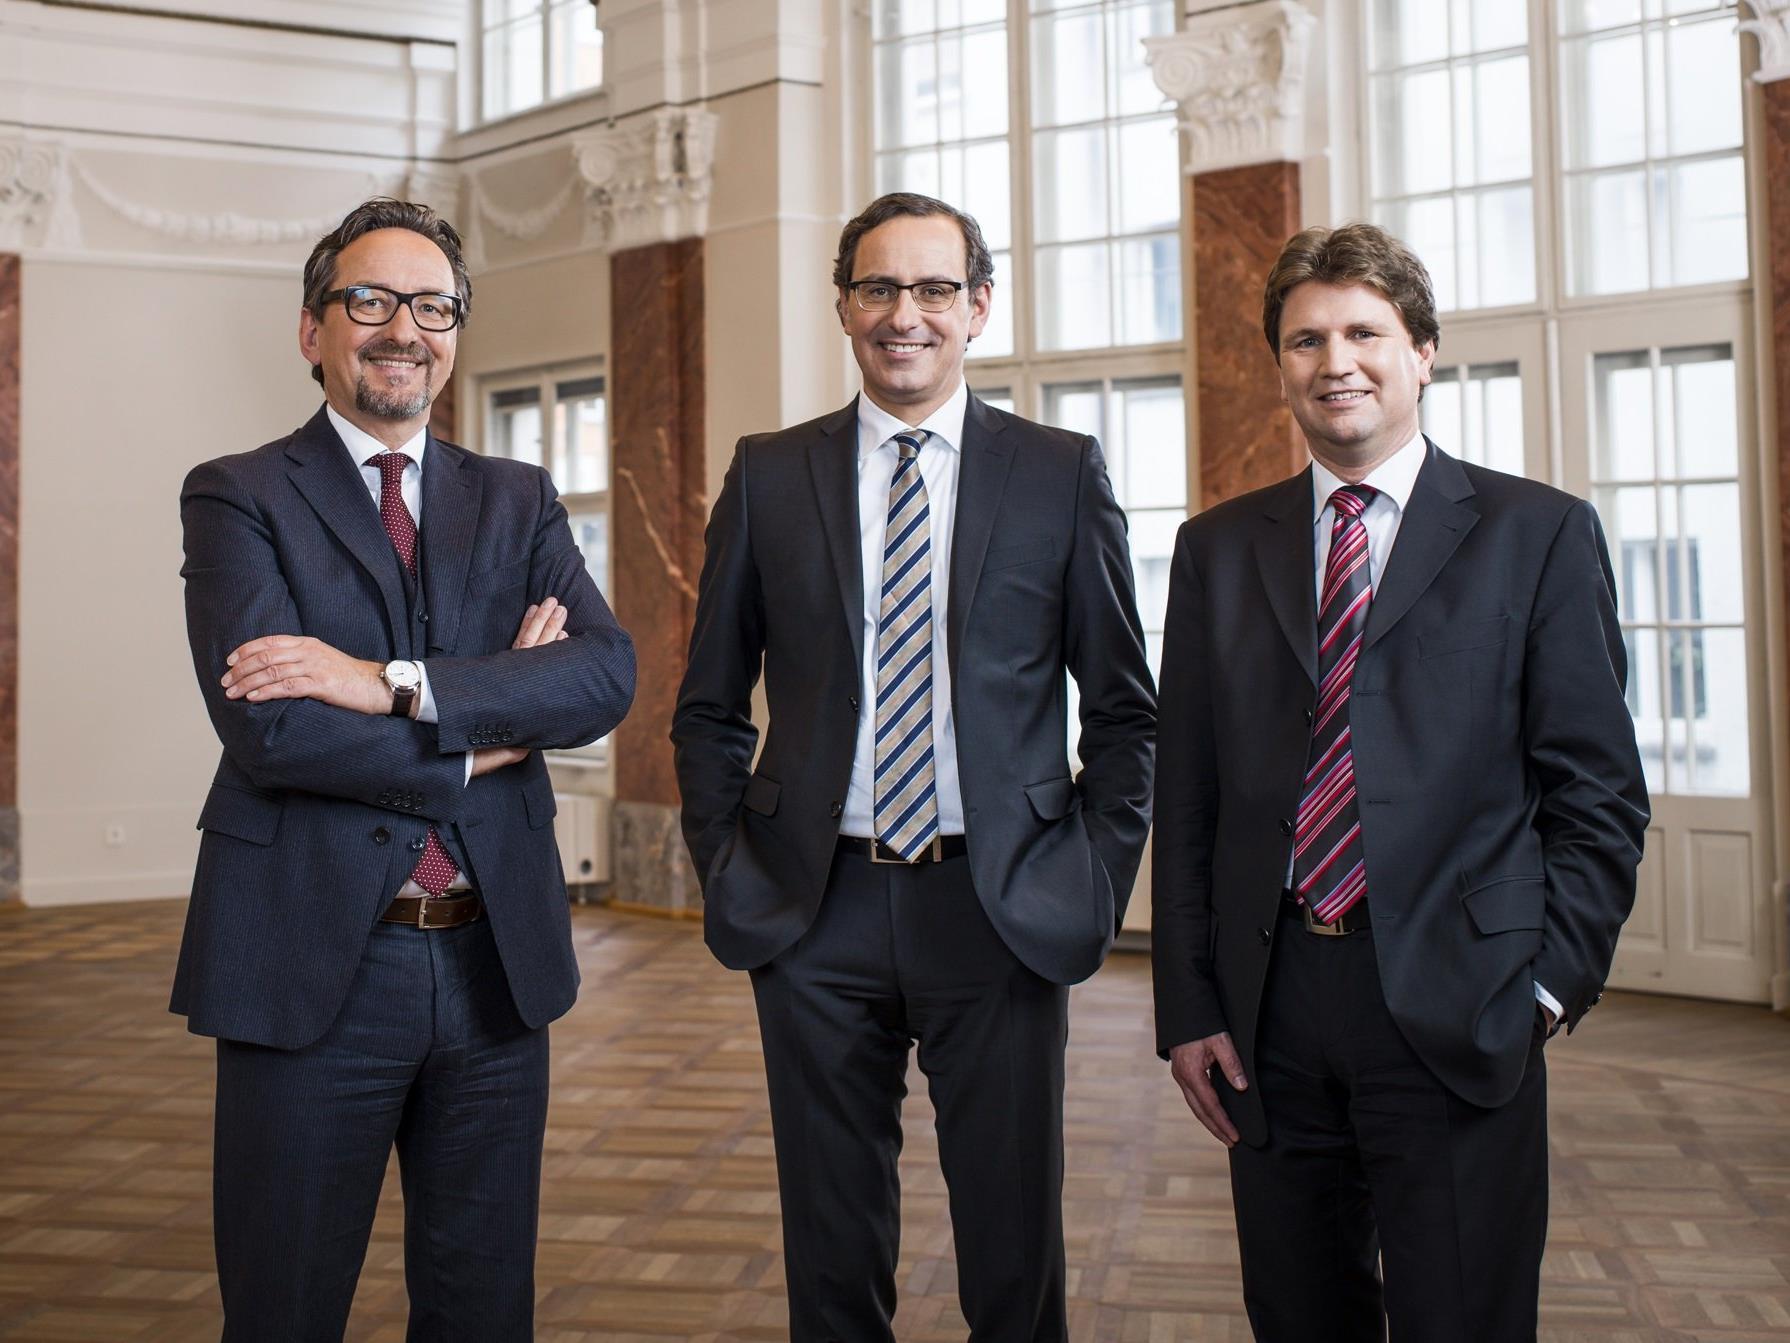 Die Vorstände der Hypo Landesbank Vorarlberg: Dr. Johannes Hefel, Dr. Michael Grahammer, Mag. Michel Haller